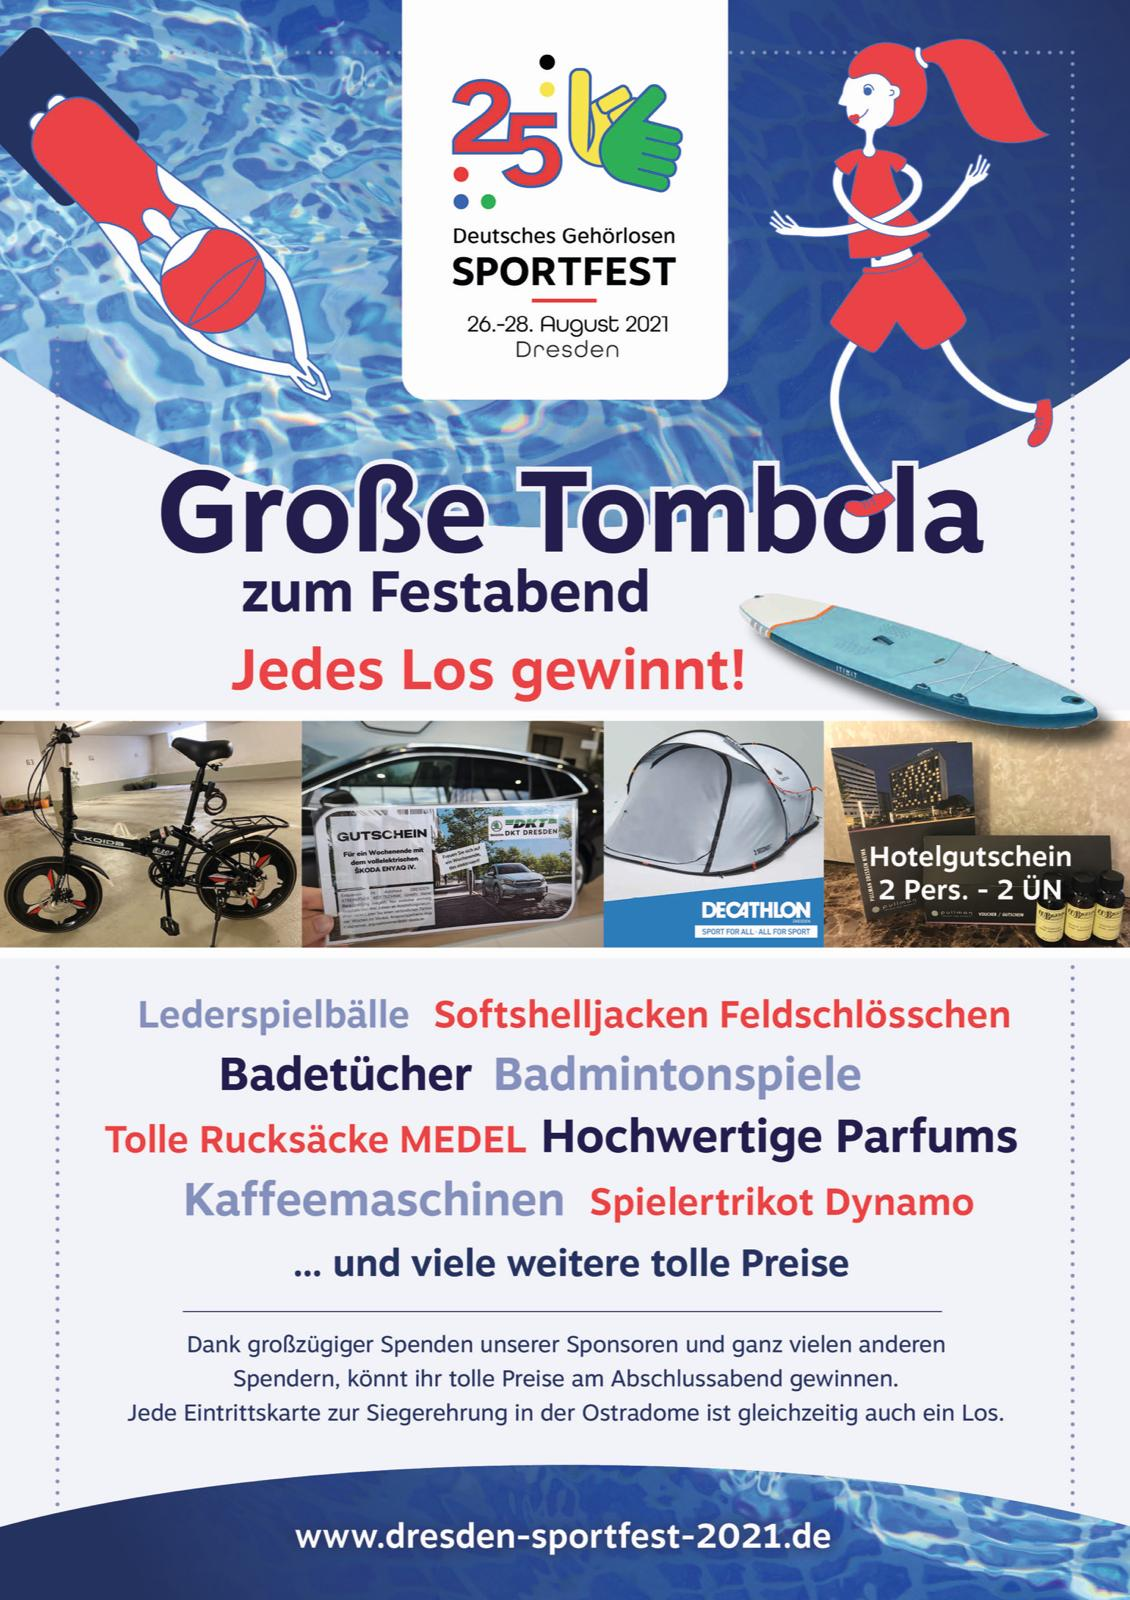 Deutsches_Gehoerlosensportfest_2021_Tombola